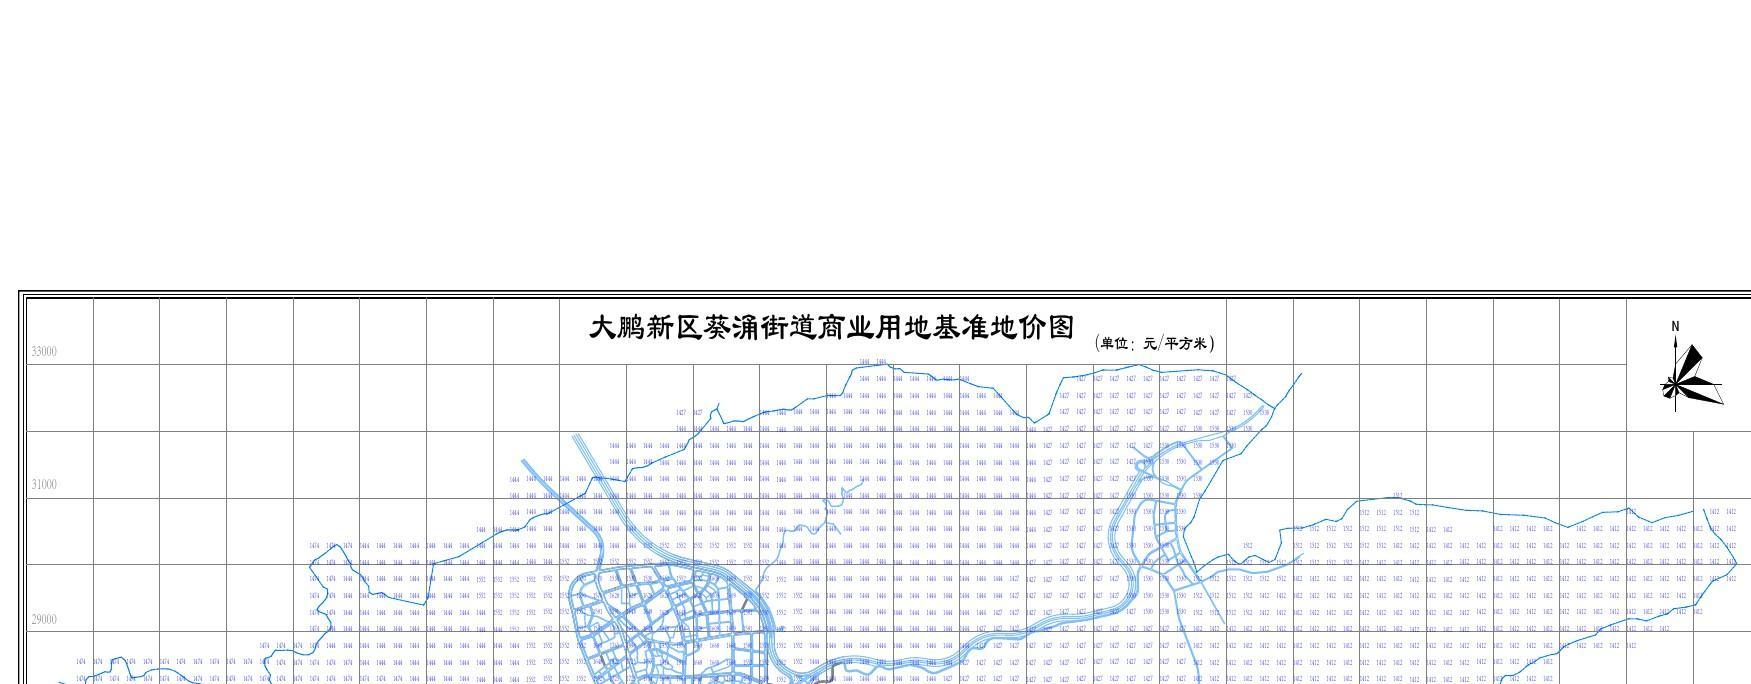 大鹏新区葵涌街道商业用地基准地价图